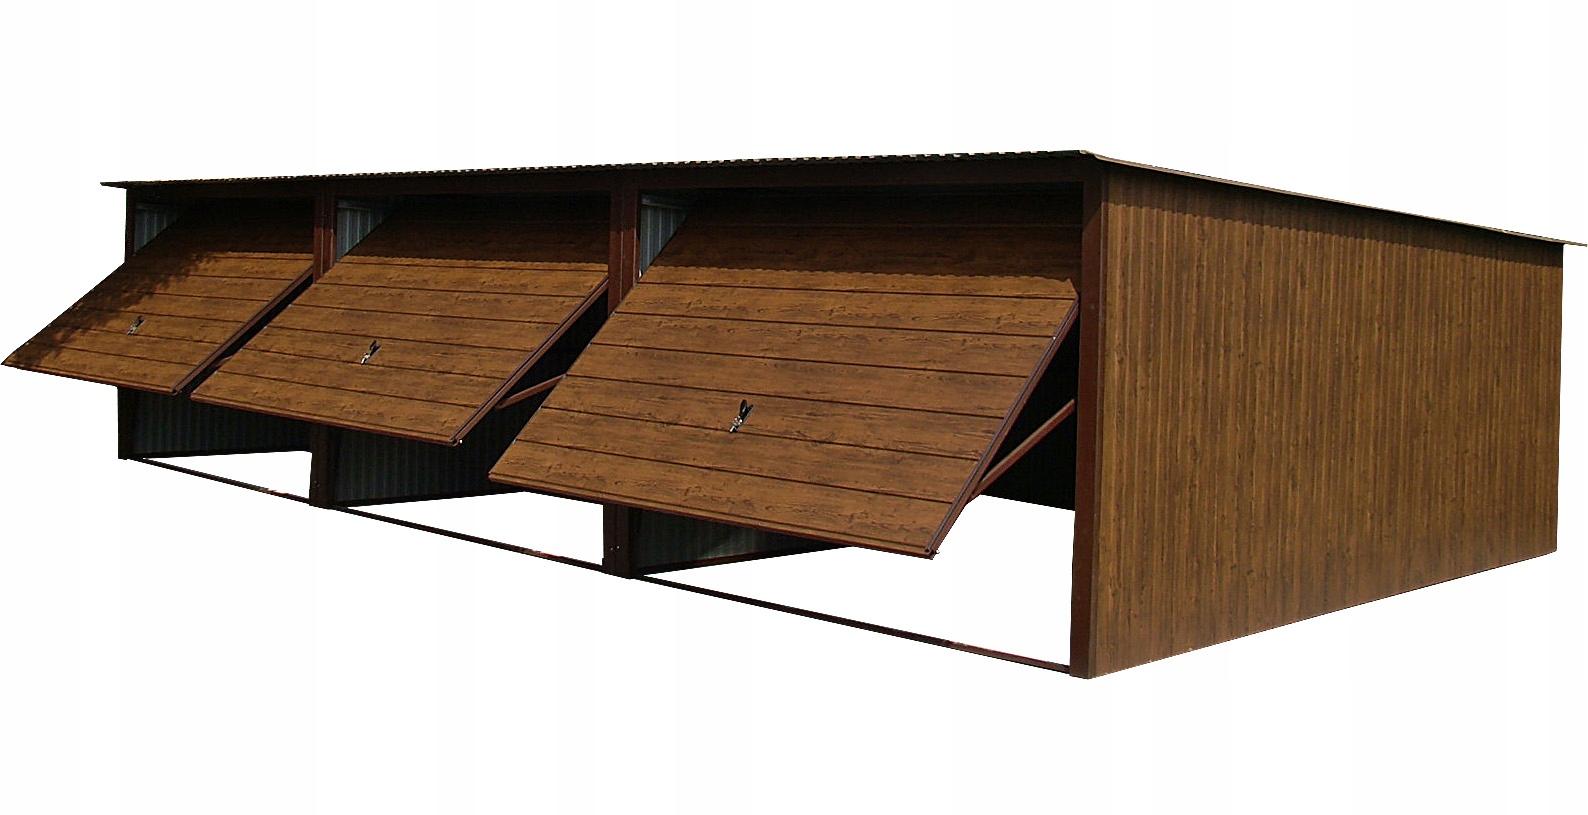 Garaże Blaszane Garaż Blaszany 9x5 Blaszaki Orzech